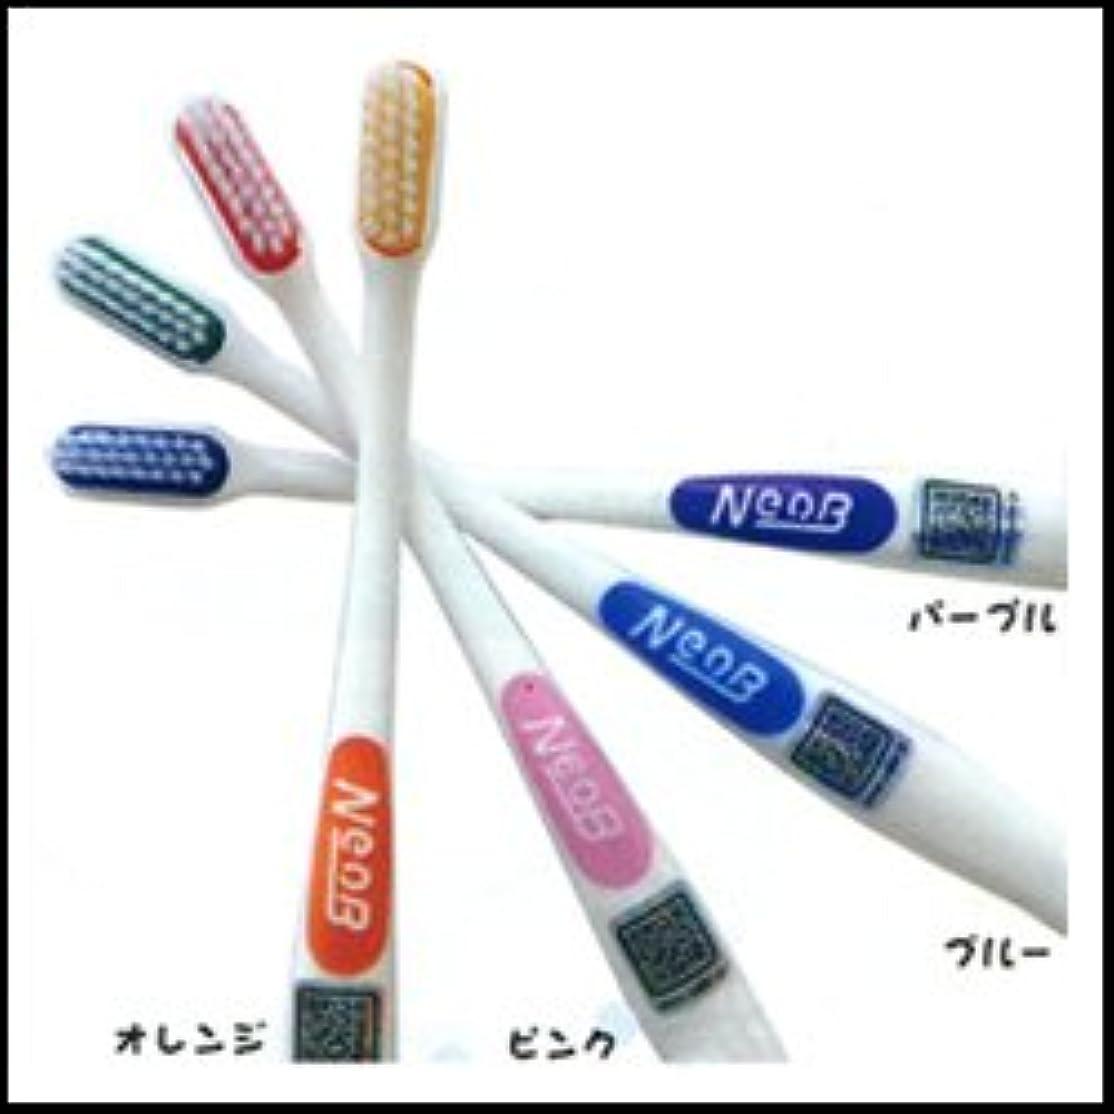 大使ワーム政府【2本セット】ネオビー歯ブラシ (パープル?ブルー?ピンク?オレンジ)